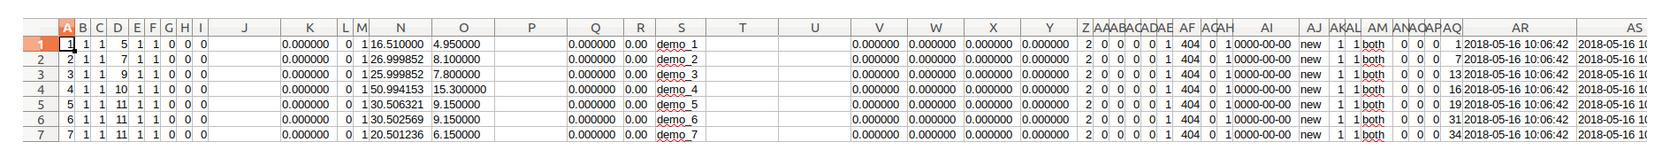 Prestashop CSV export-import